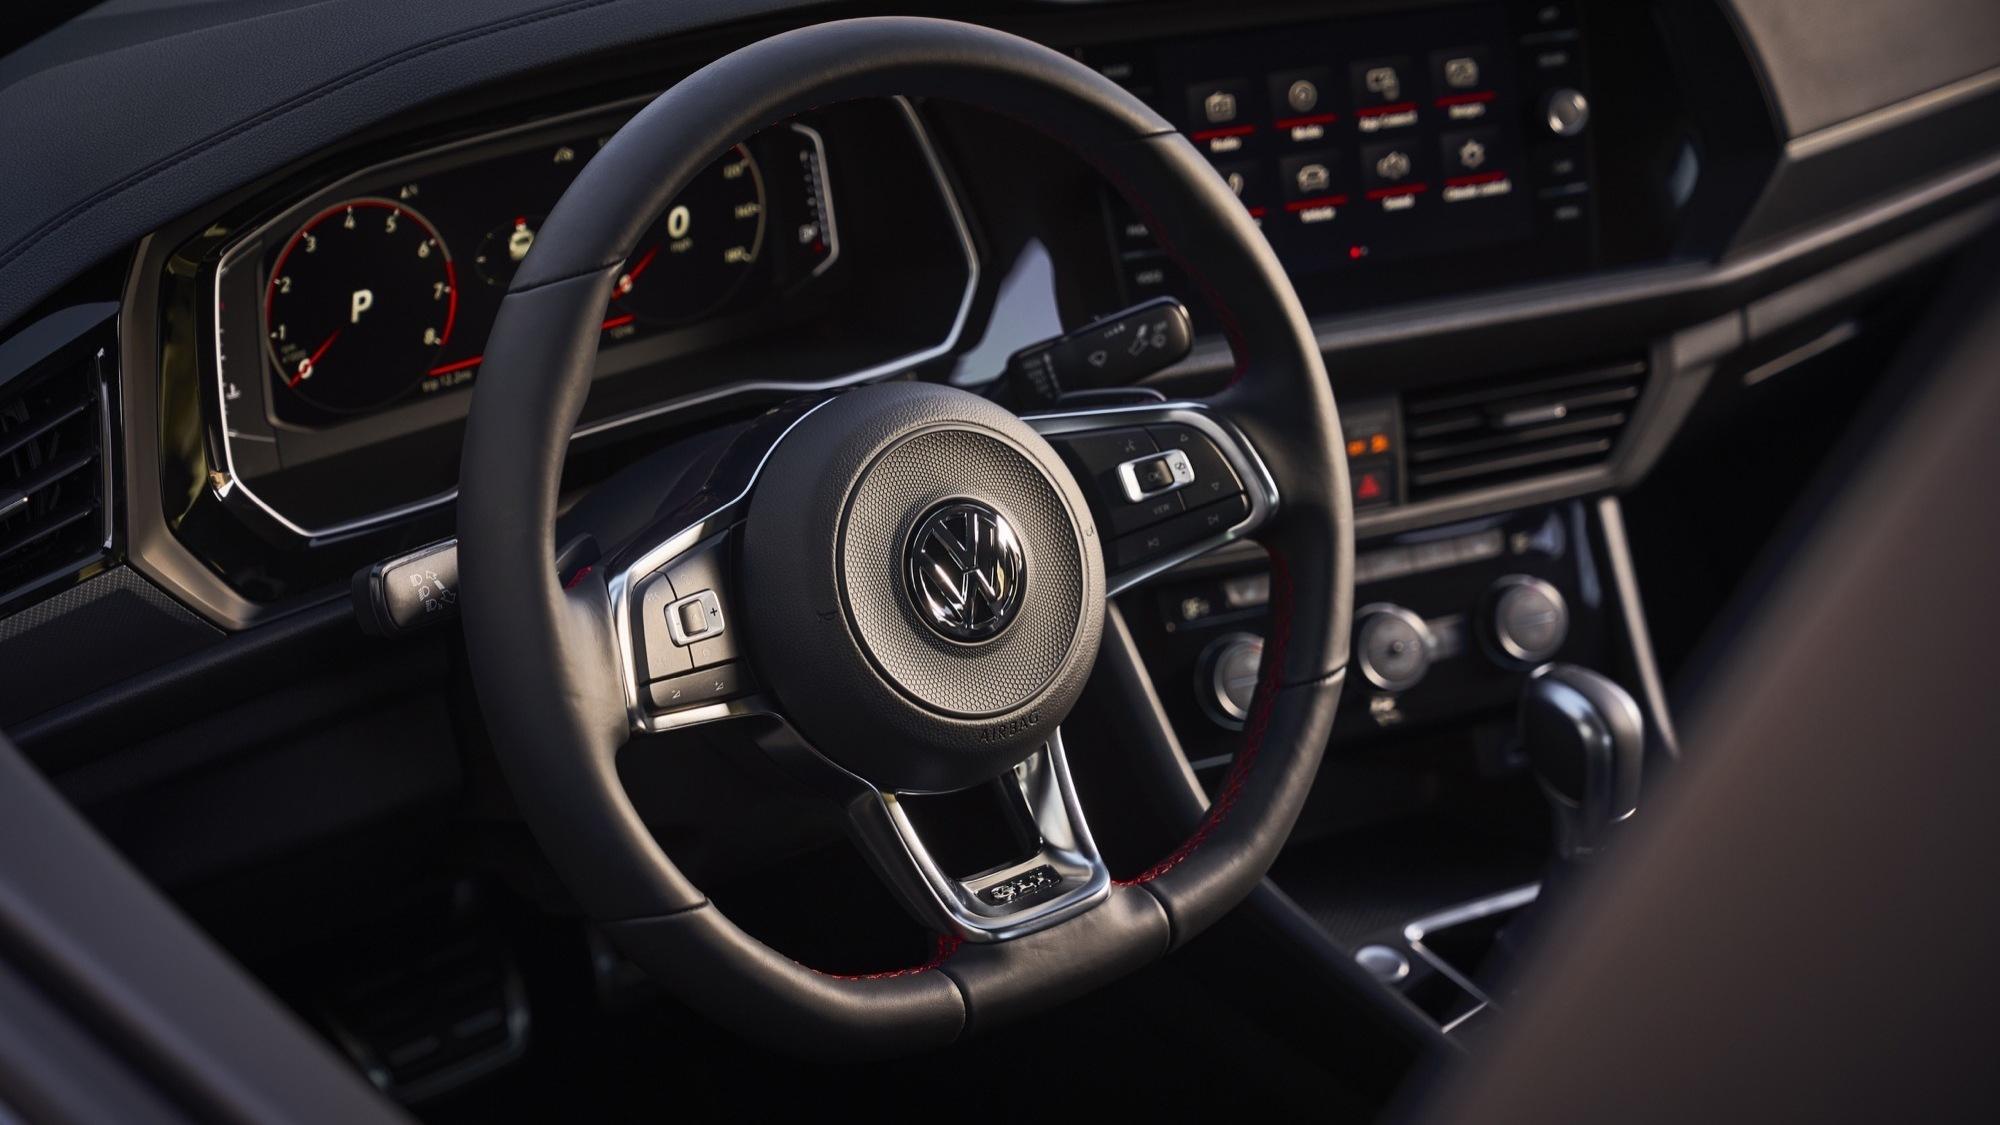 Os preços do Volkswagen Jetta GLI foram definidos para os Estados Unidos e são menores que o do hot hatch, o que também pode acontecer no Brasil.